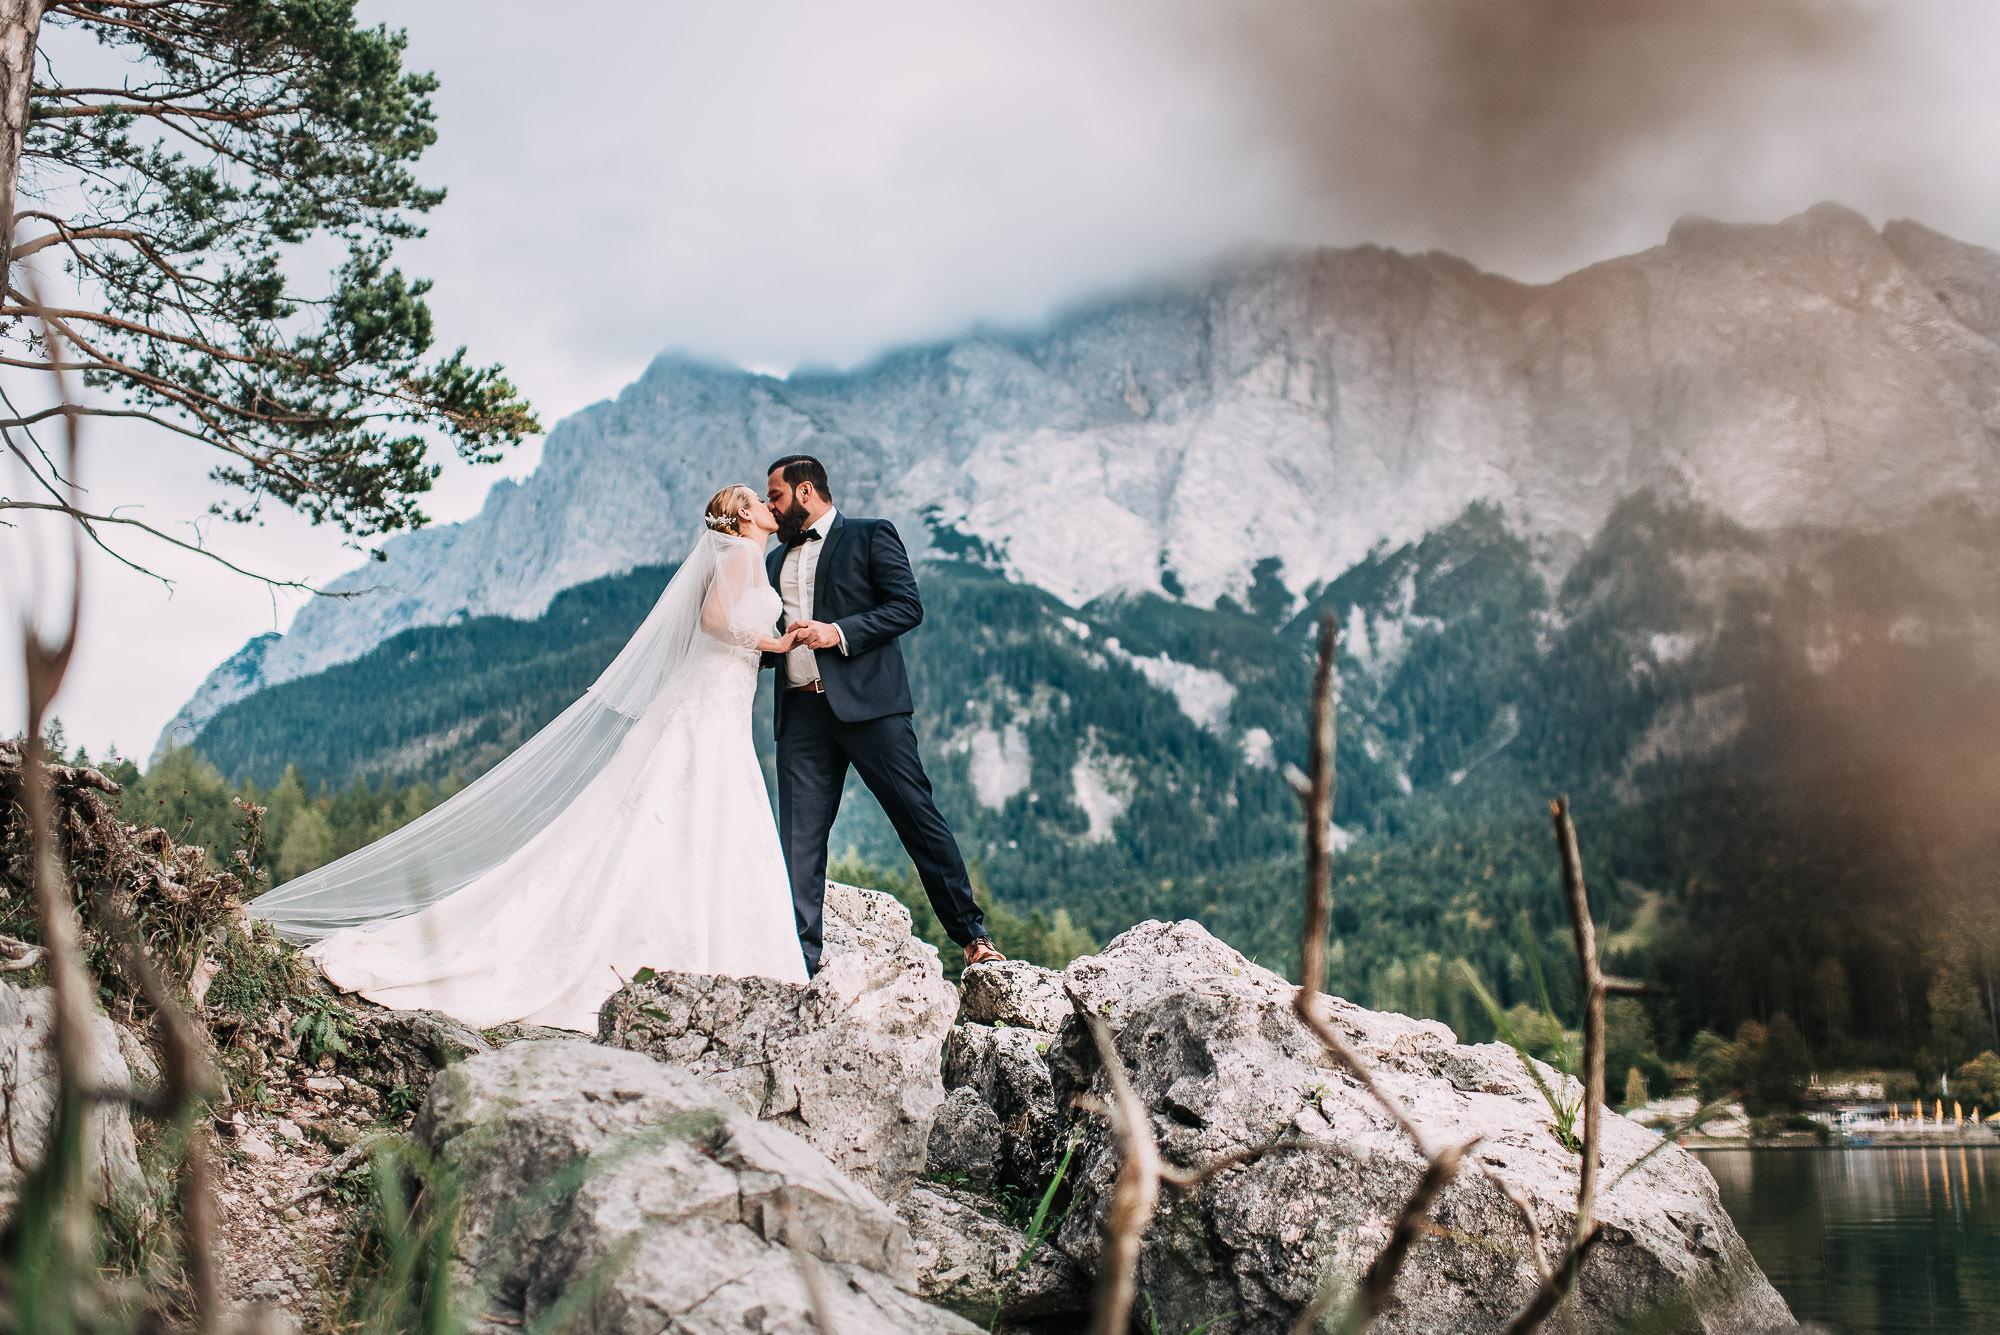 Hochzeitsshooting in den Bergen am Eibsee